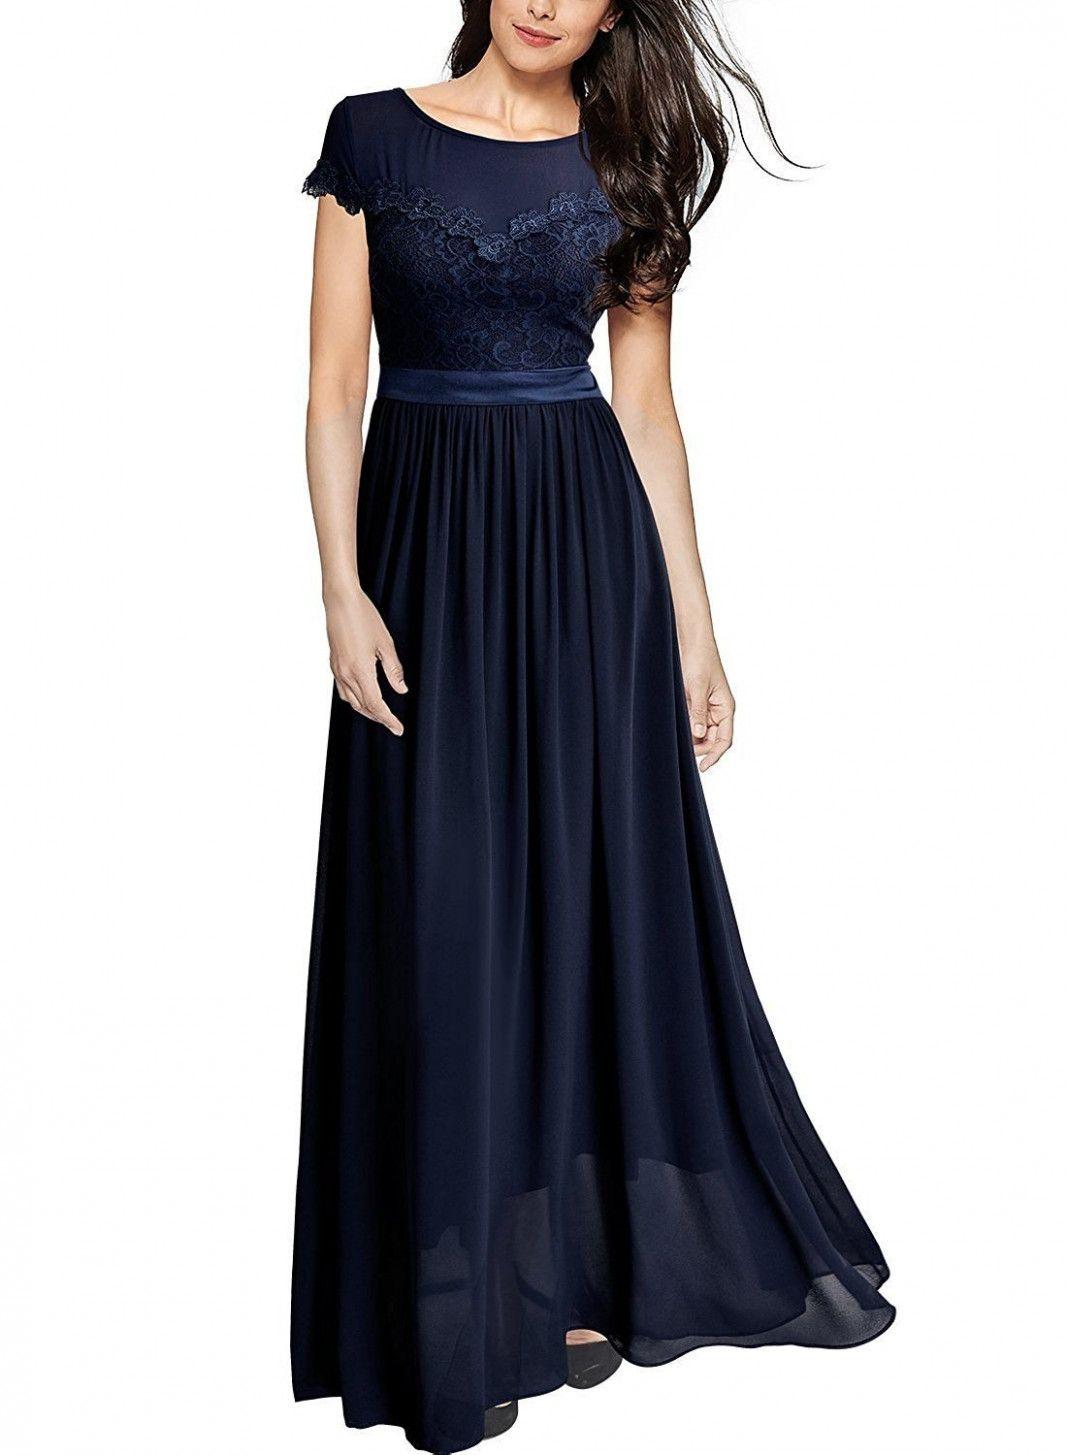 18 Damen Kleider Hochzeitsgast di 18